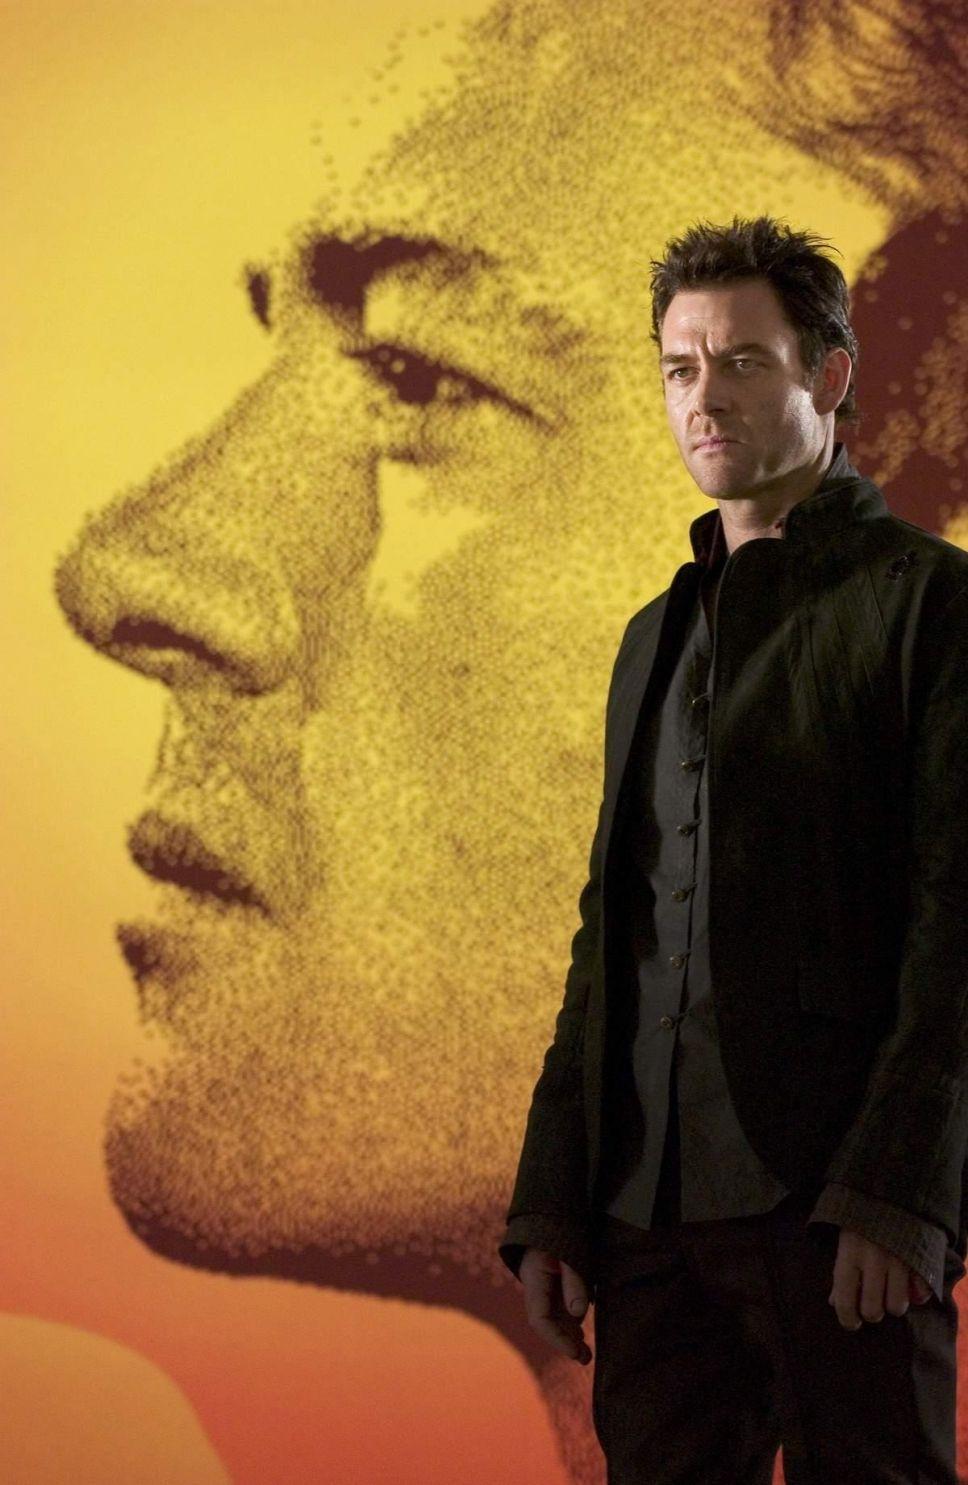 Picture of Marton Csokas | Side portrait, Aeon flux, Actors